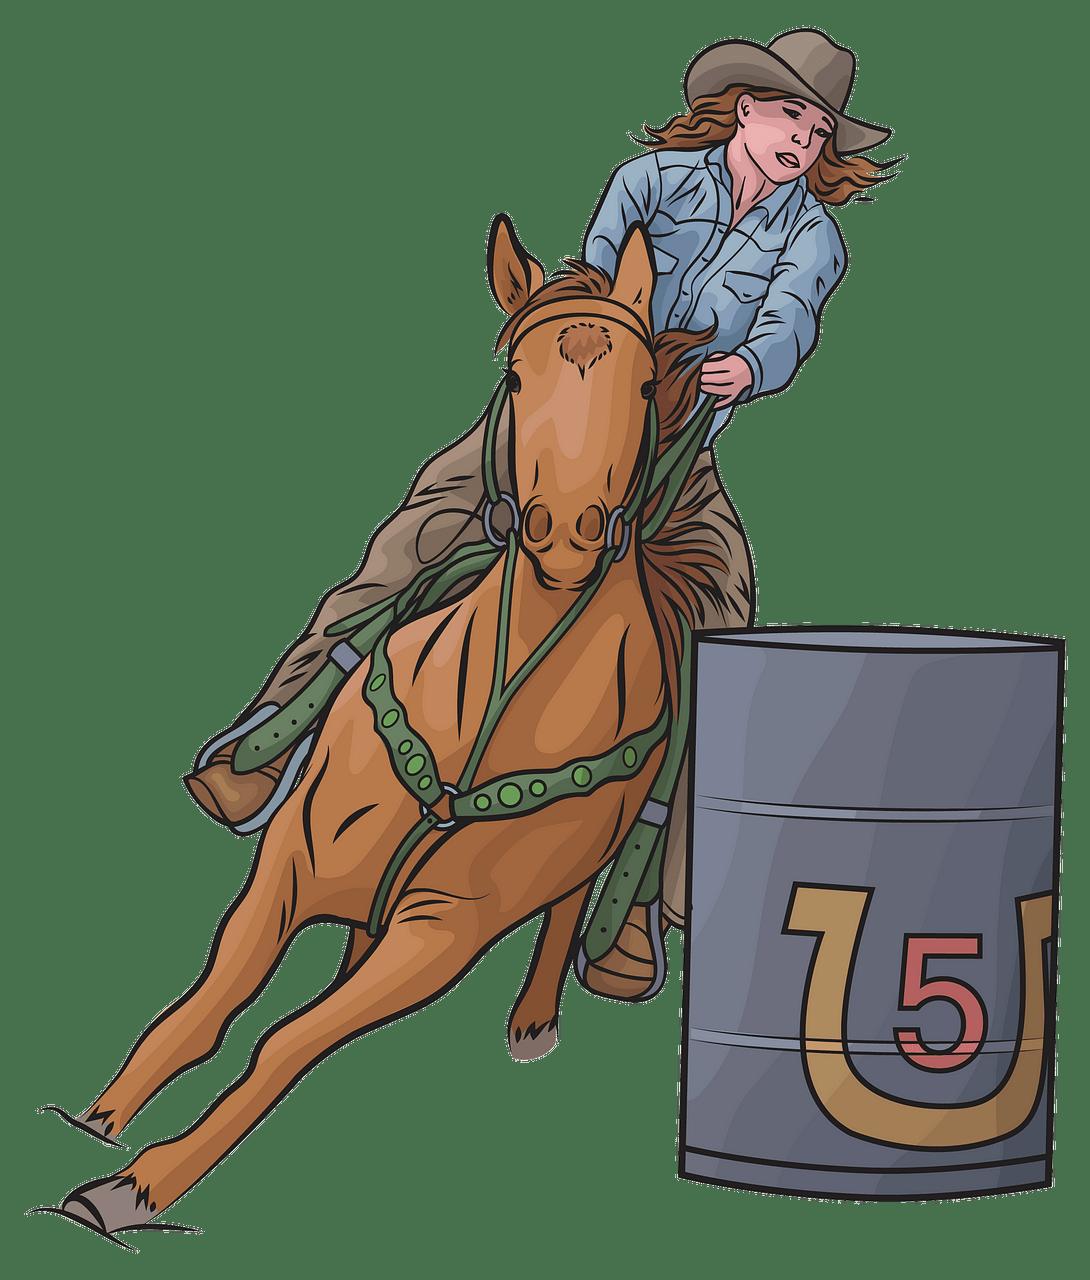 Horse Barrel Racing clipart. Free download..